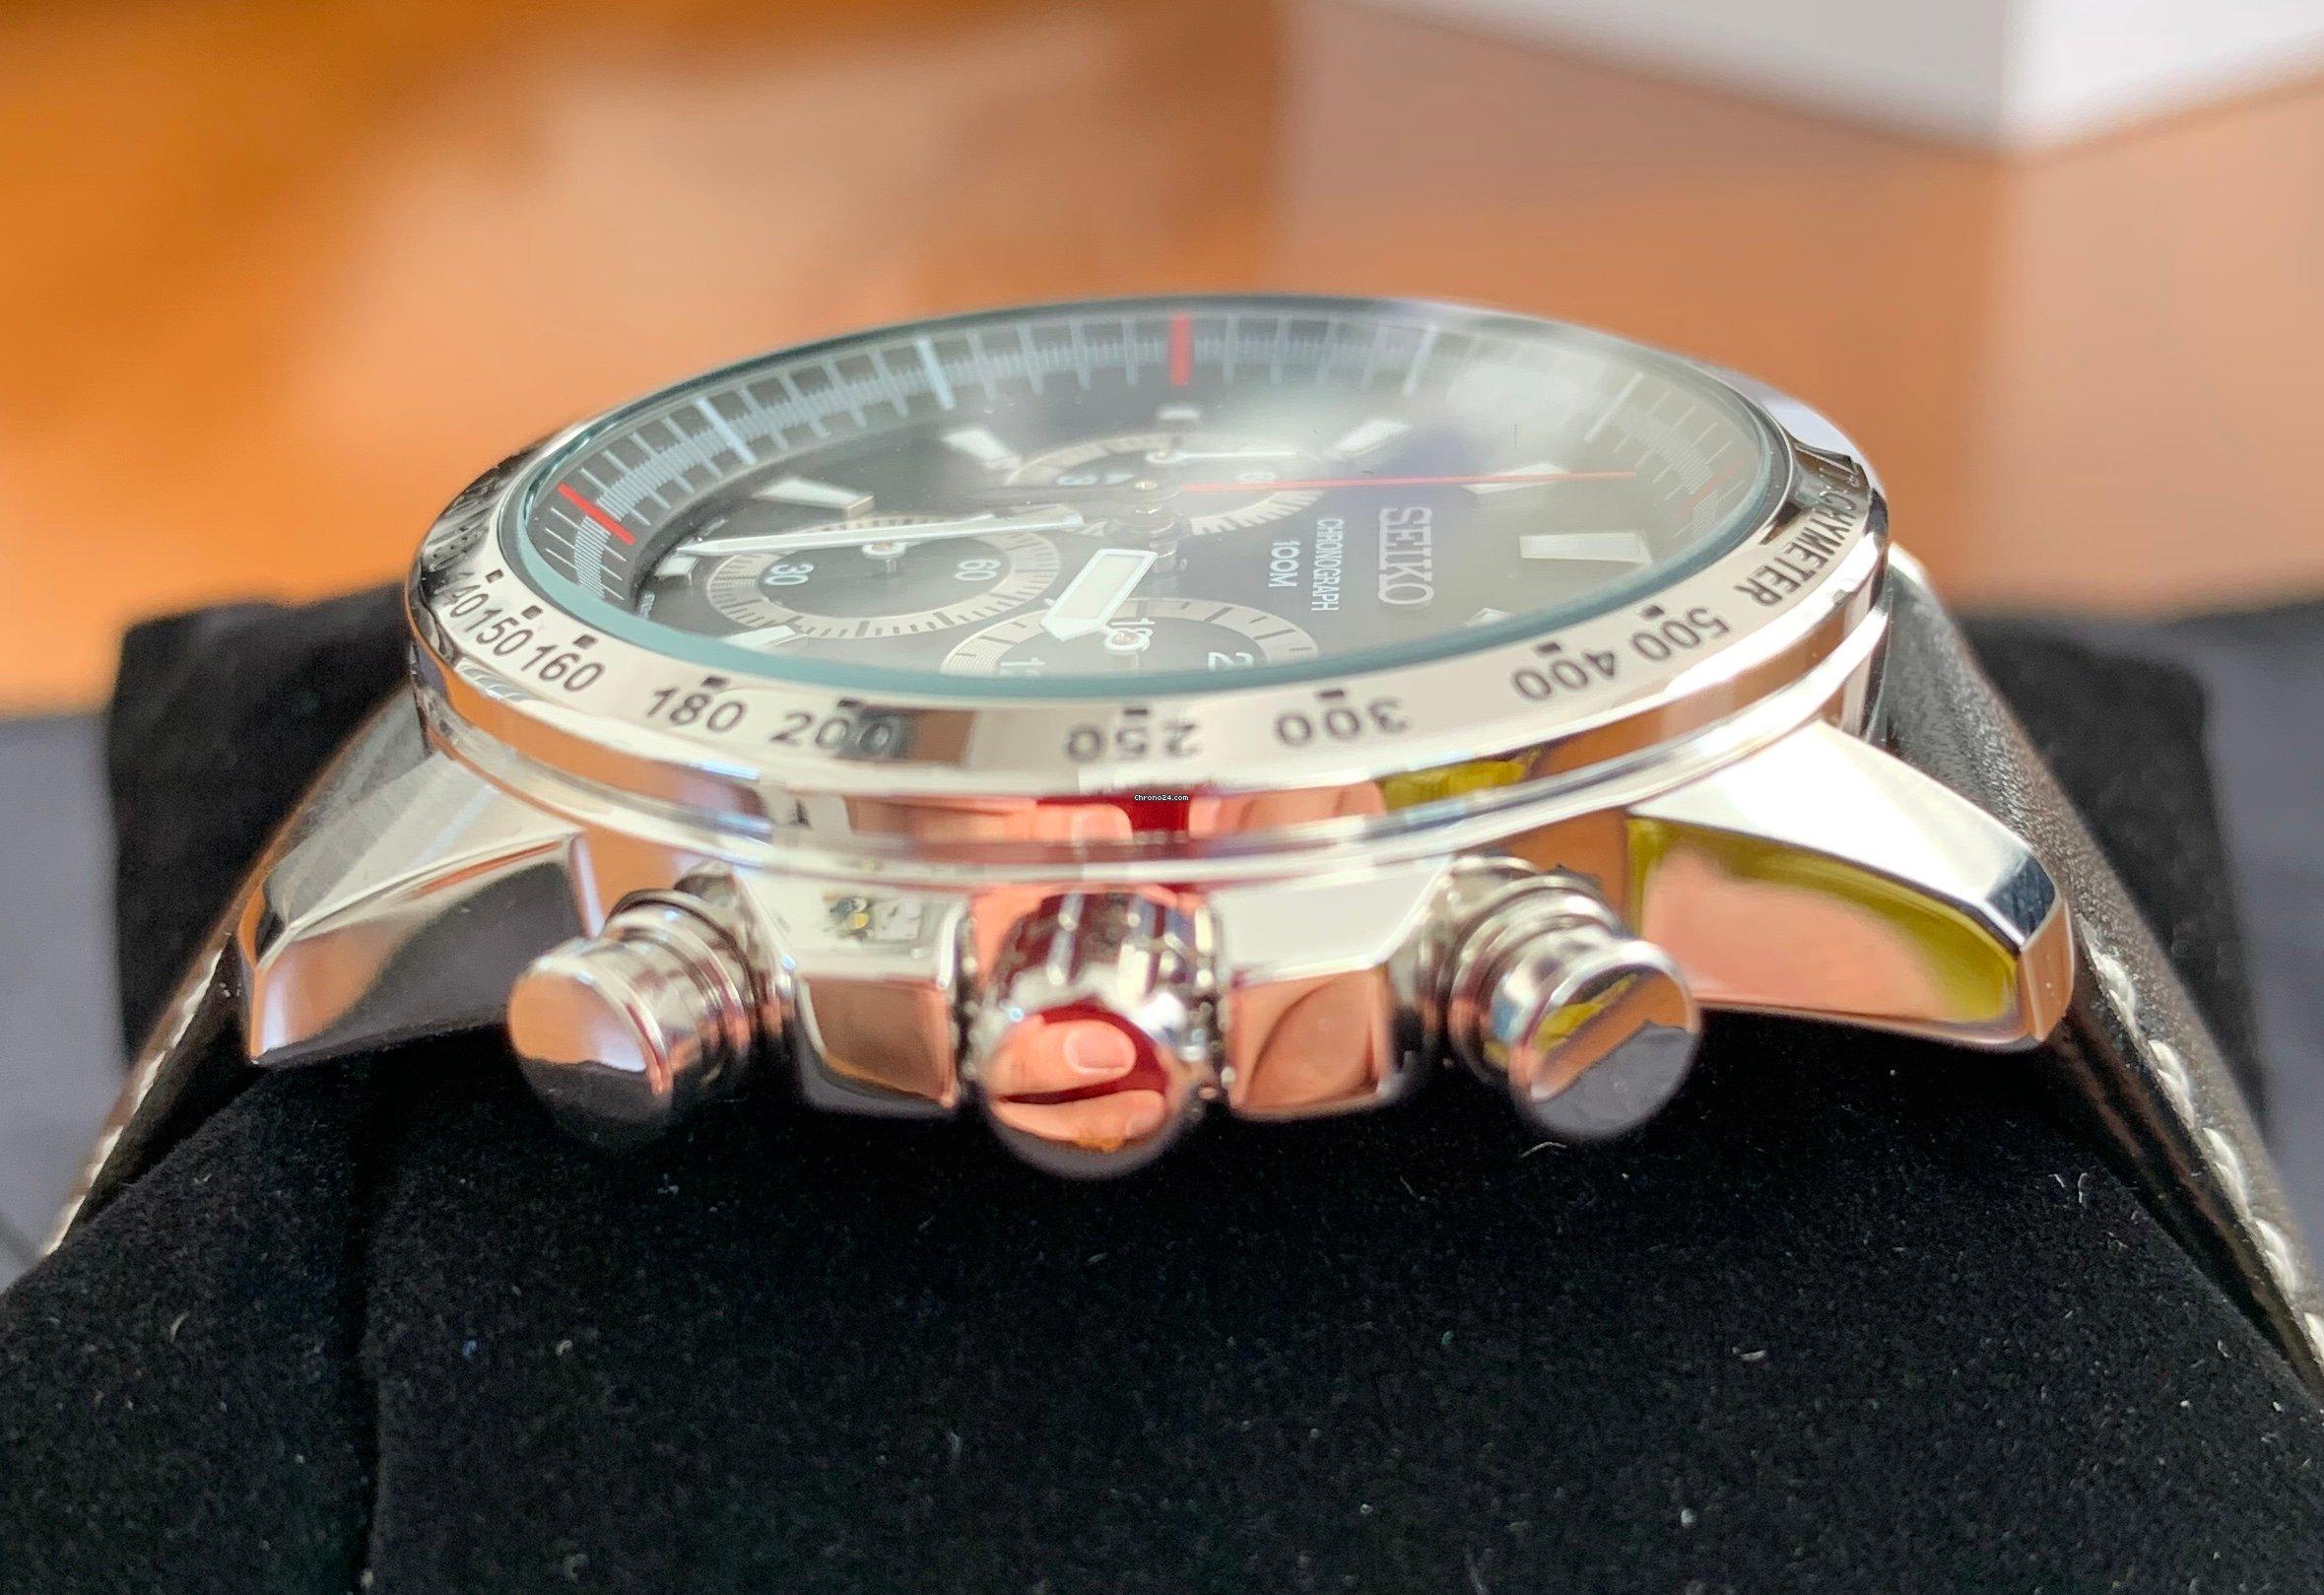 Seiko Chronograph Quartz SSB033P1 voor 339 € te koop van een